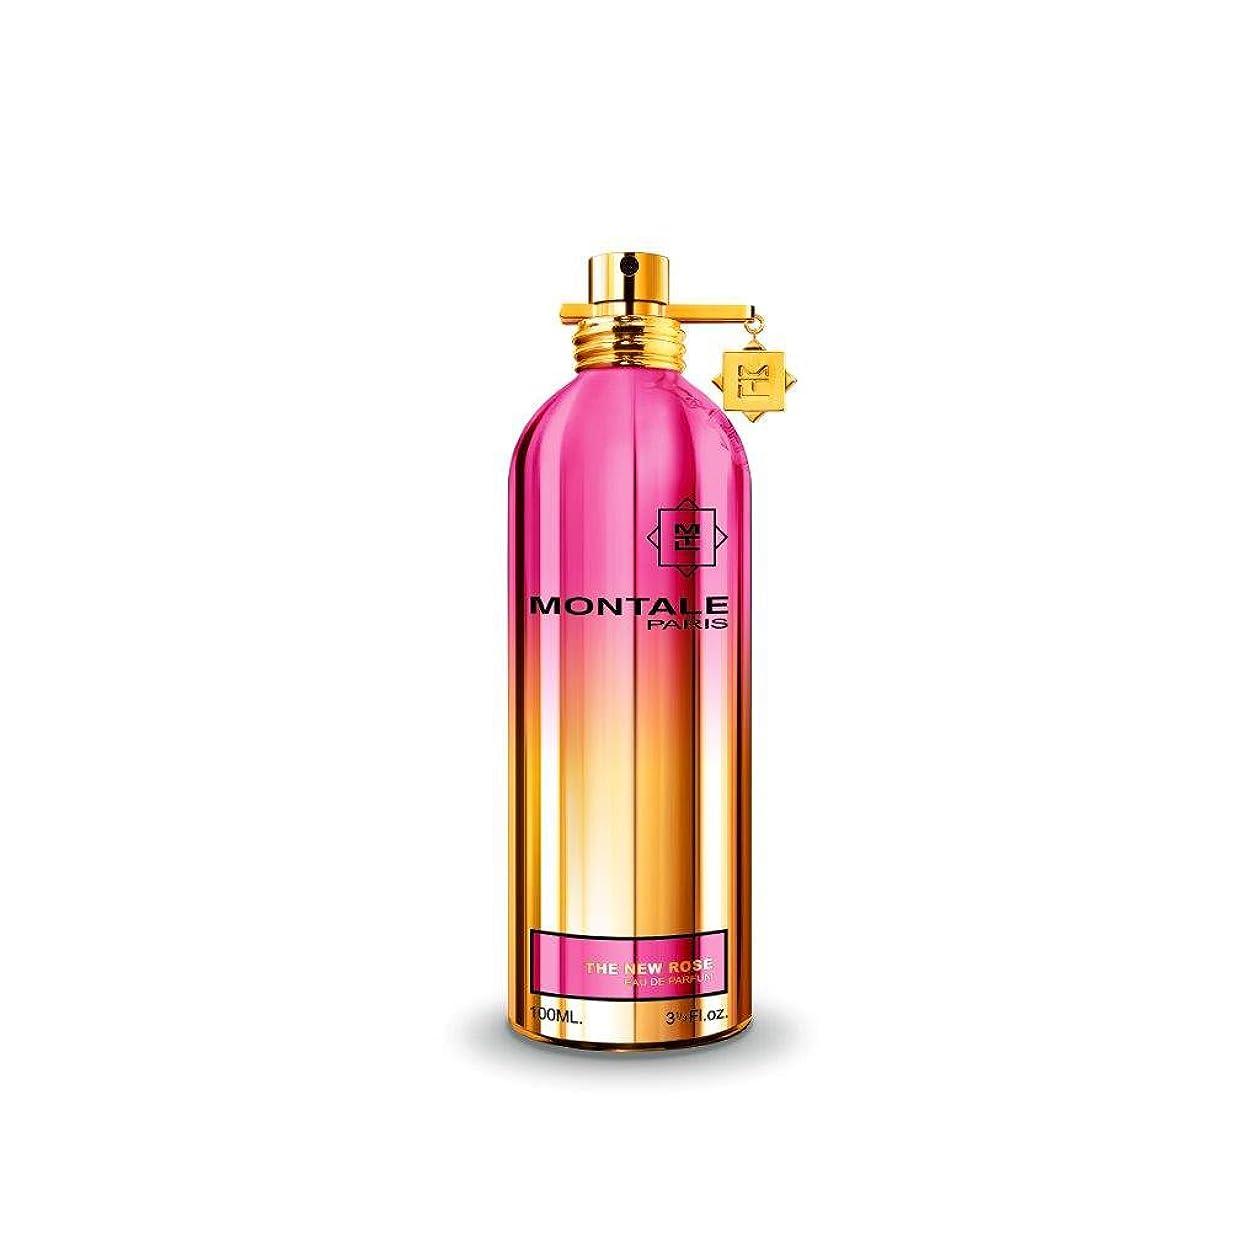 デコードする脅迫マーティンルーサーキングジュニアモンタル The New Rose Eau De Parfum Spray 100ml/3.4oz並行輸入品